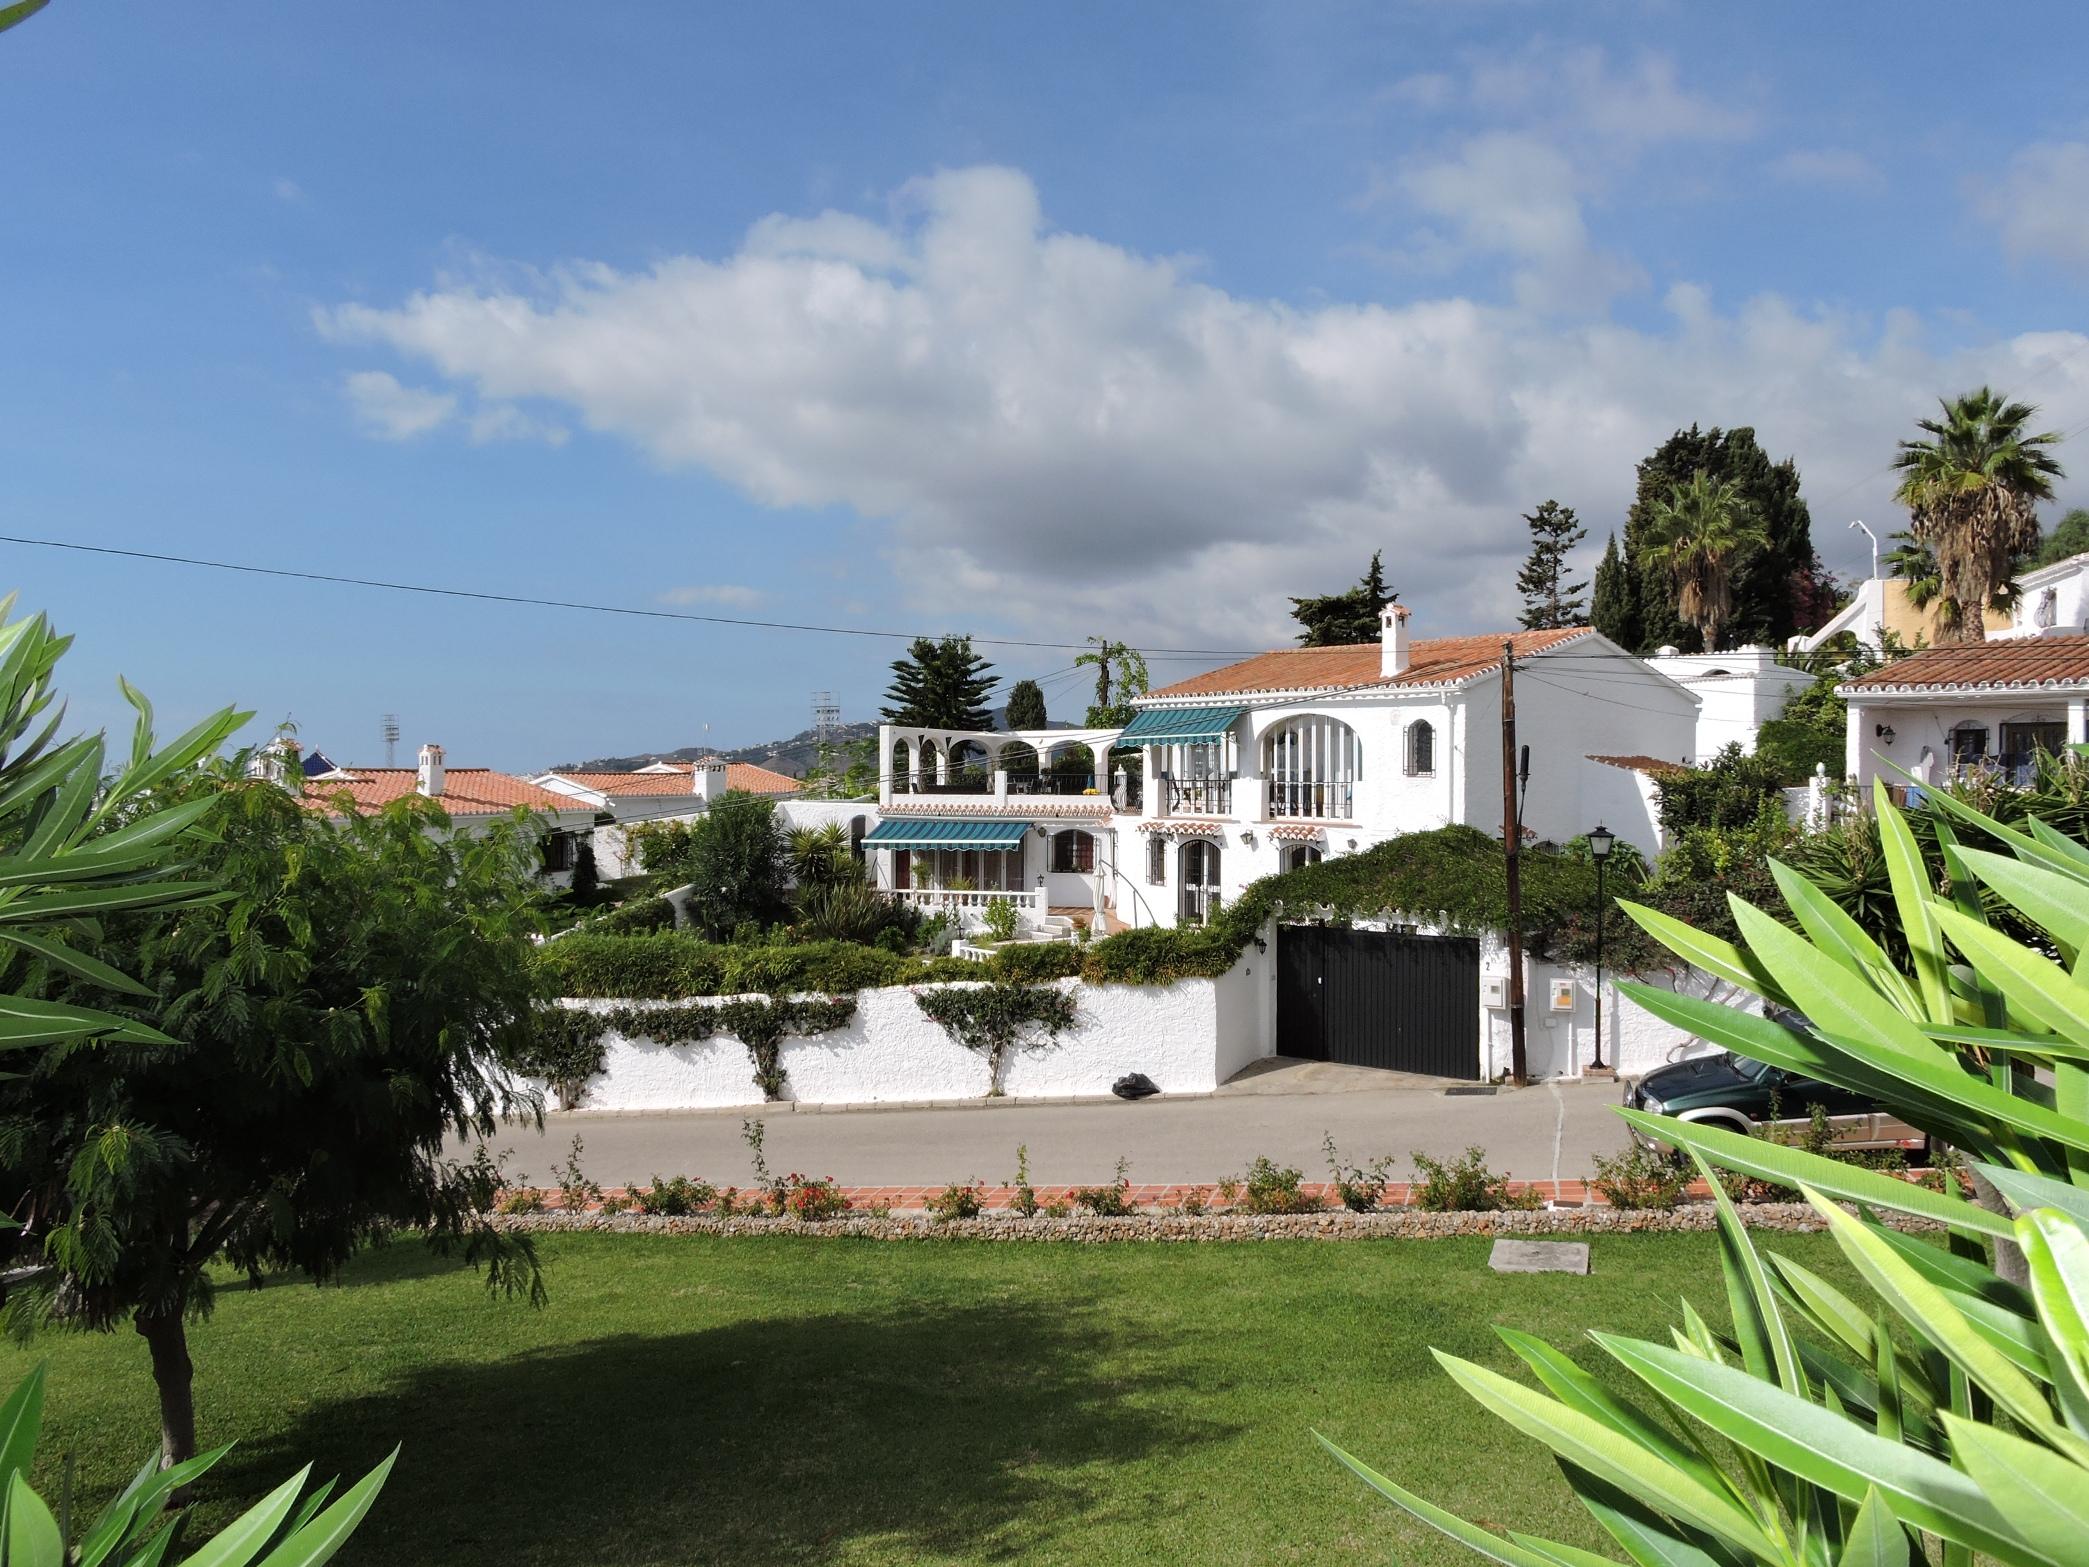 Villa con piscina privada para alquiler en el capistrano for Alquiler villas con piscina privada